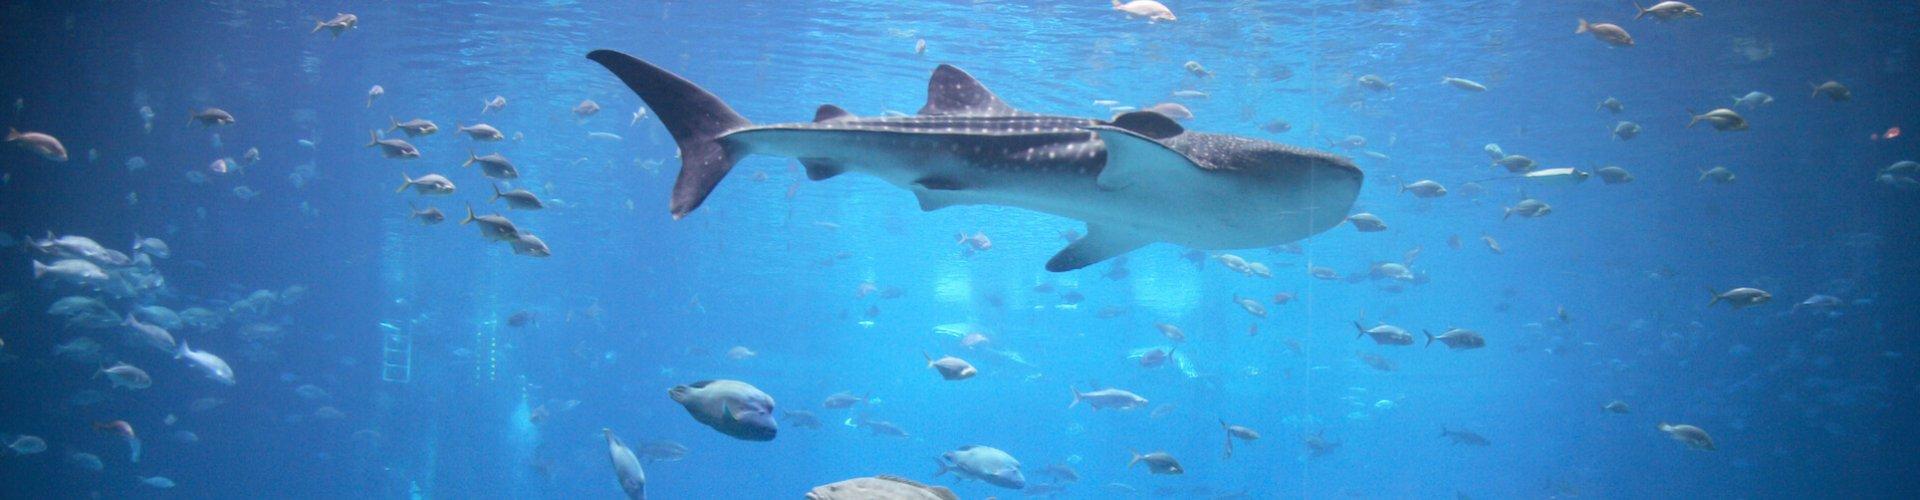 Ausflugsziel Aquarium Barcelona